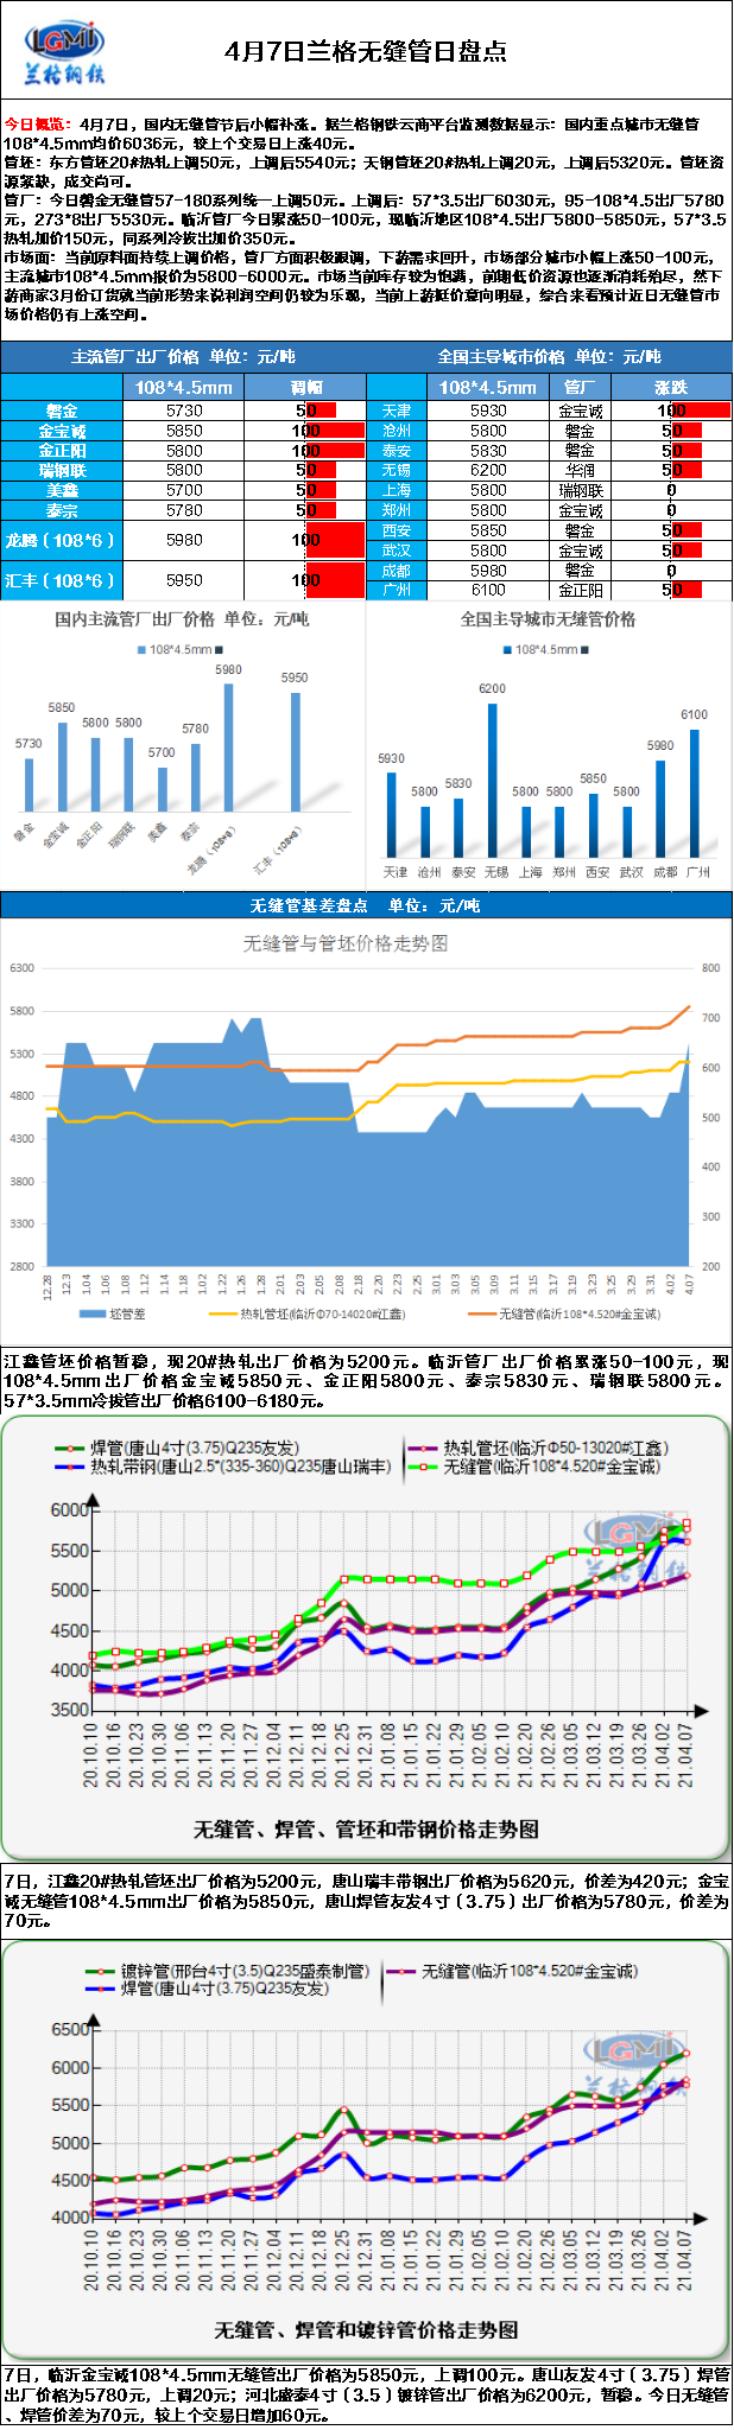 兰格无缝管日盘点(4.7):无缝管价格涨势不断  商家心态积极